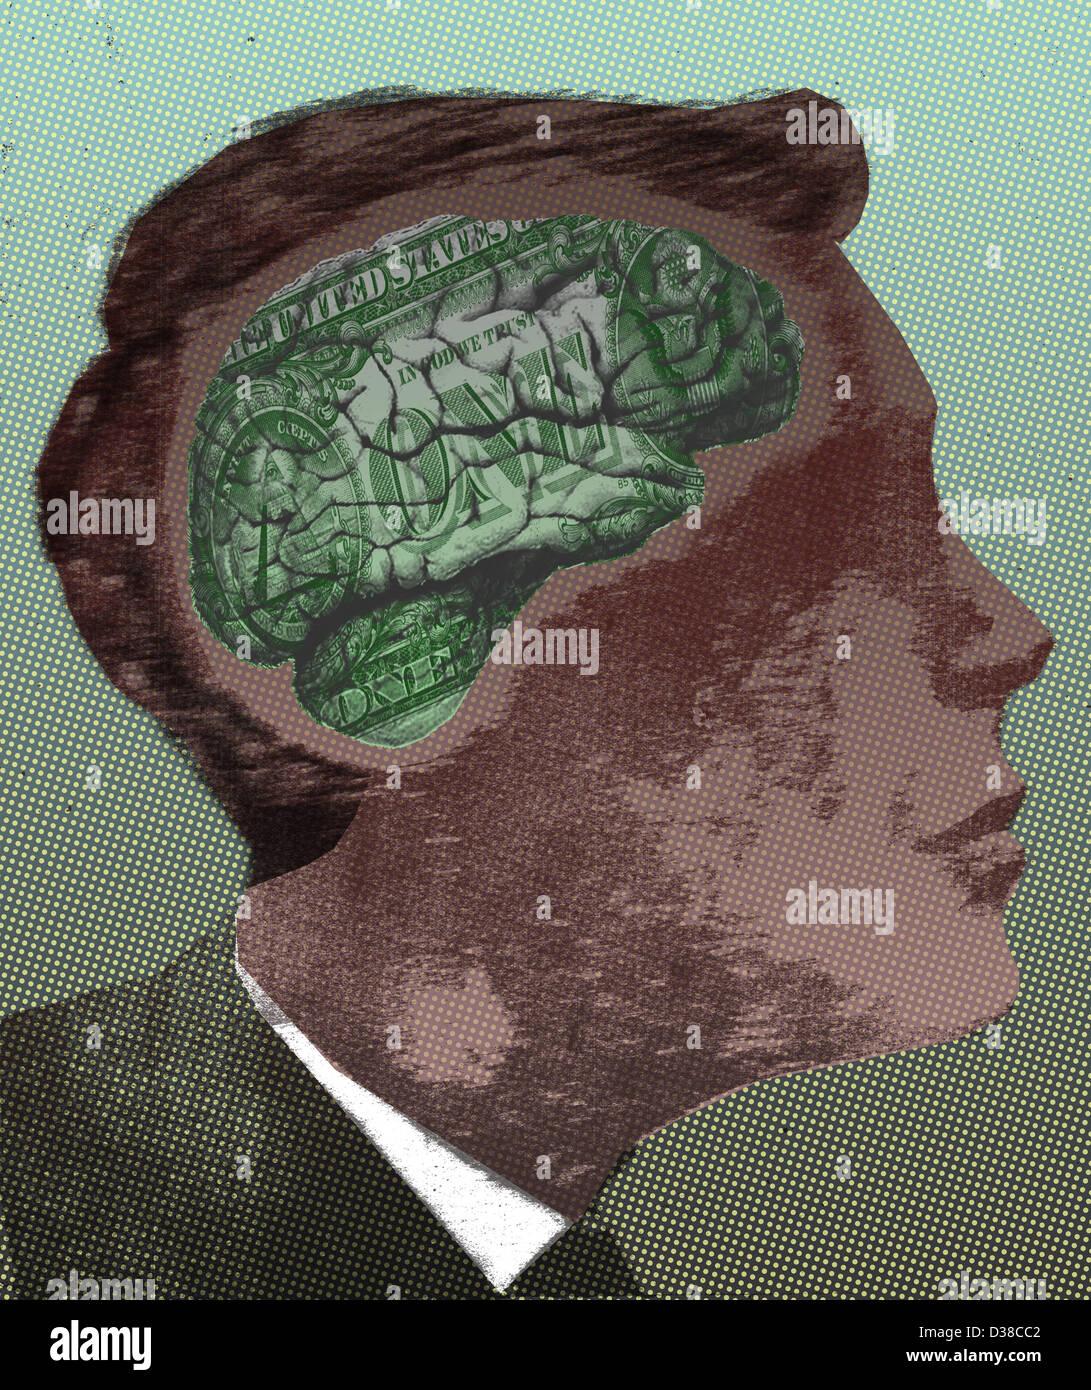 Anschauliches Bild der Geschäftsmann mit Geld denkende Gehirn repräsentieren wirtschaftliches Denken Stockbild